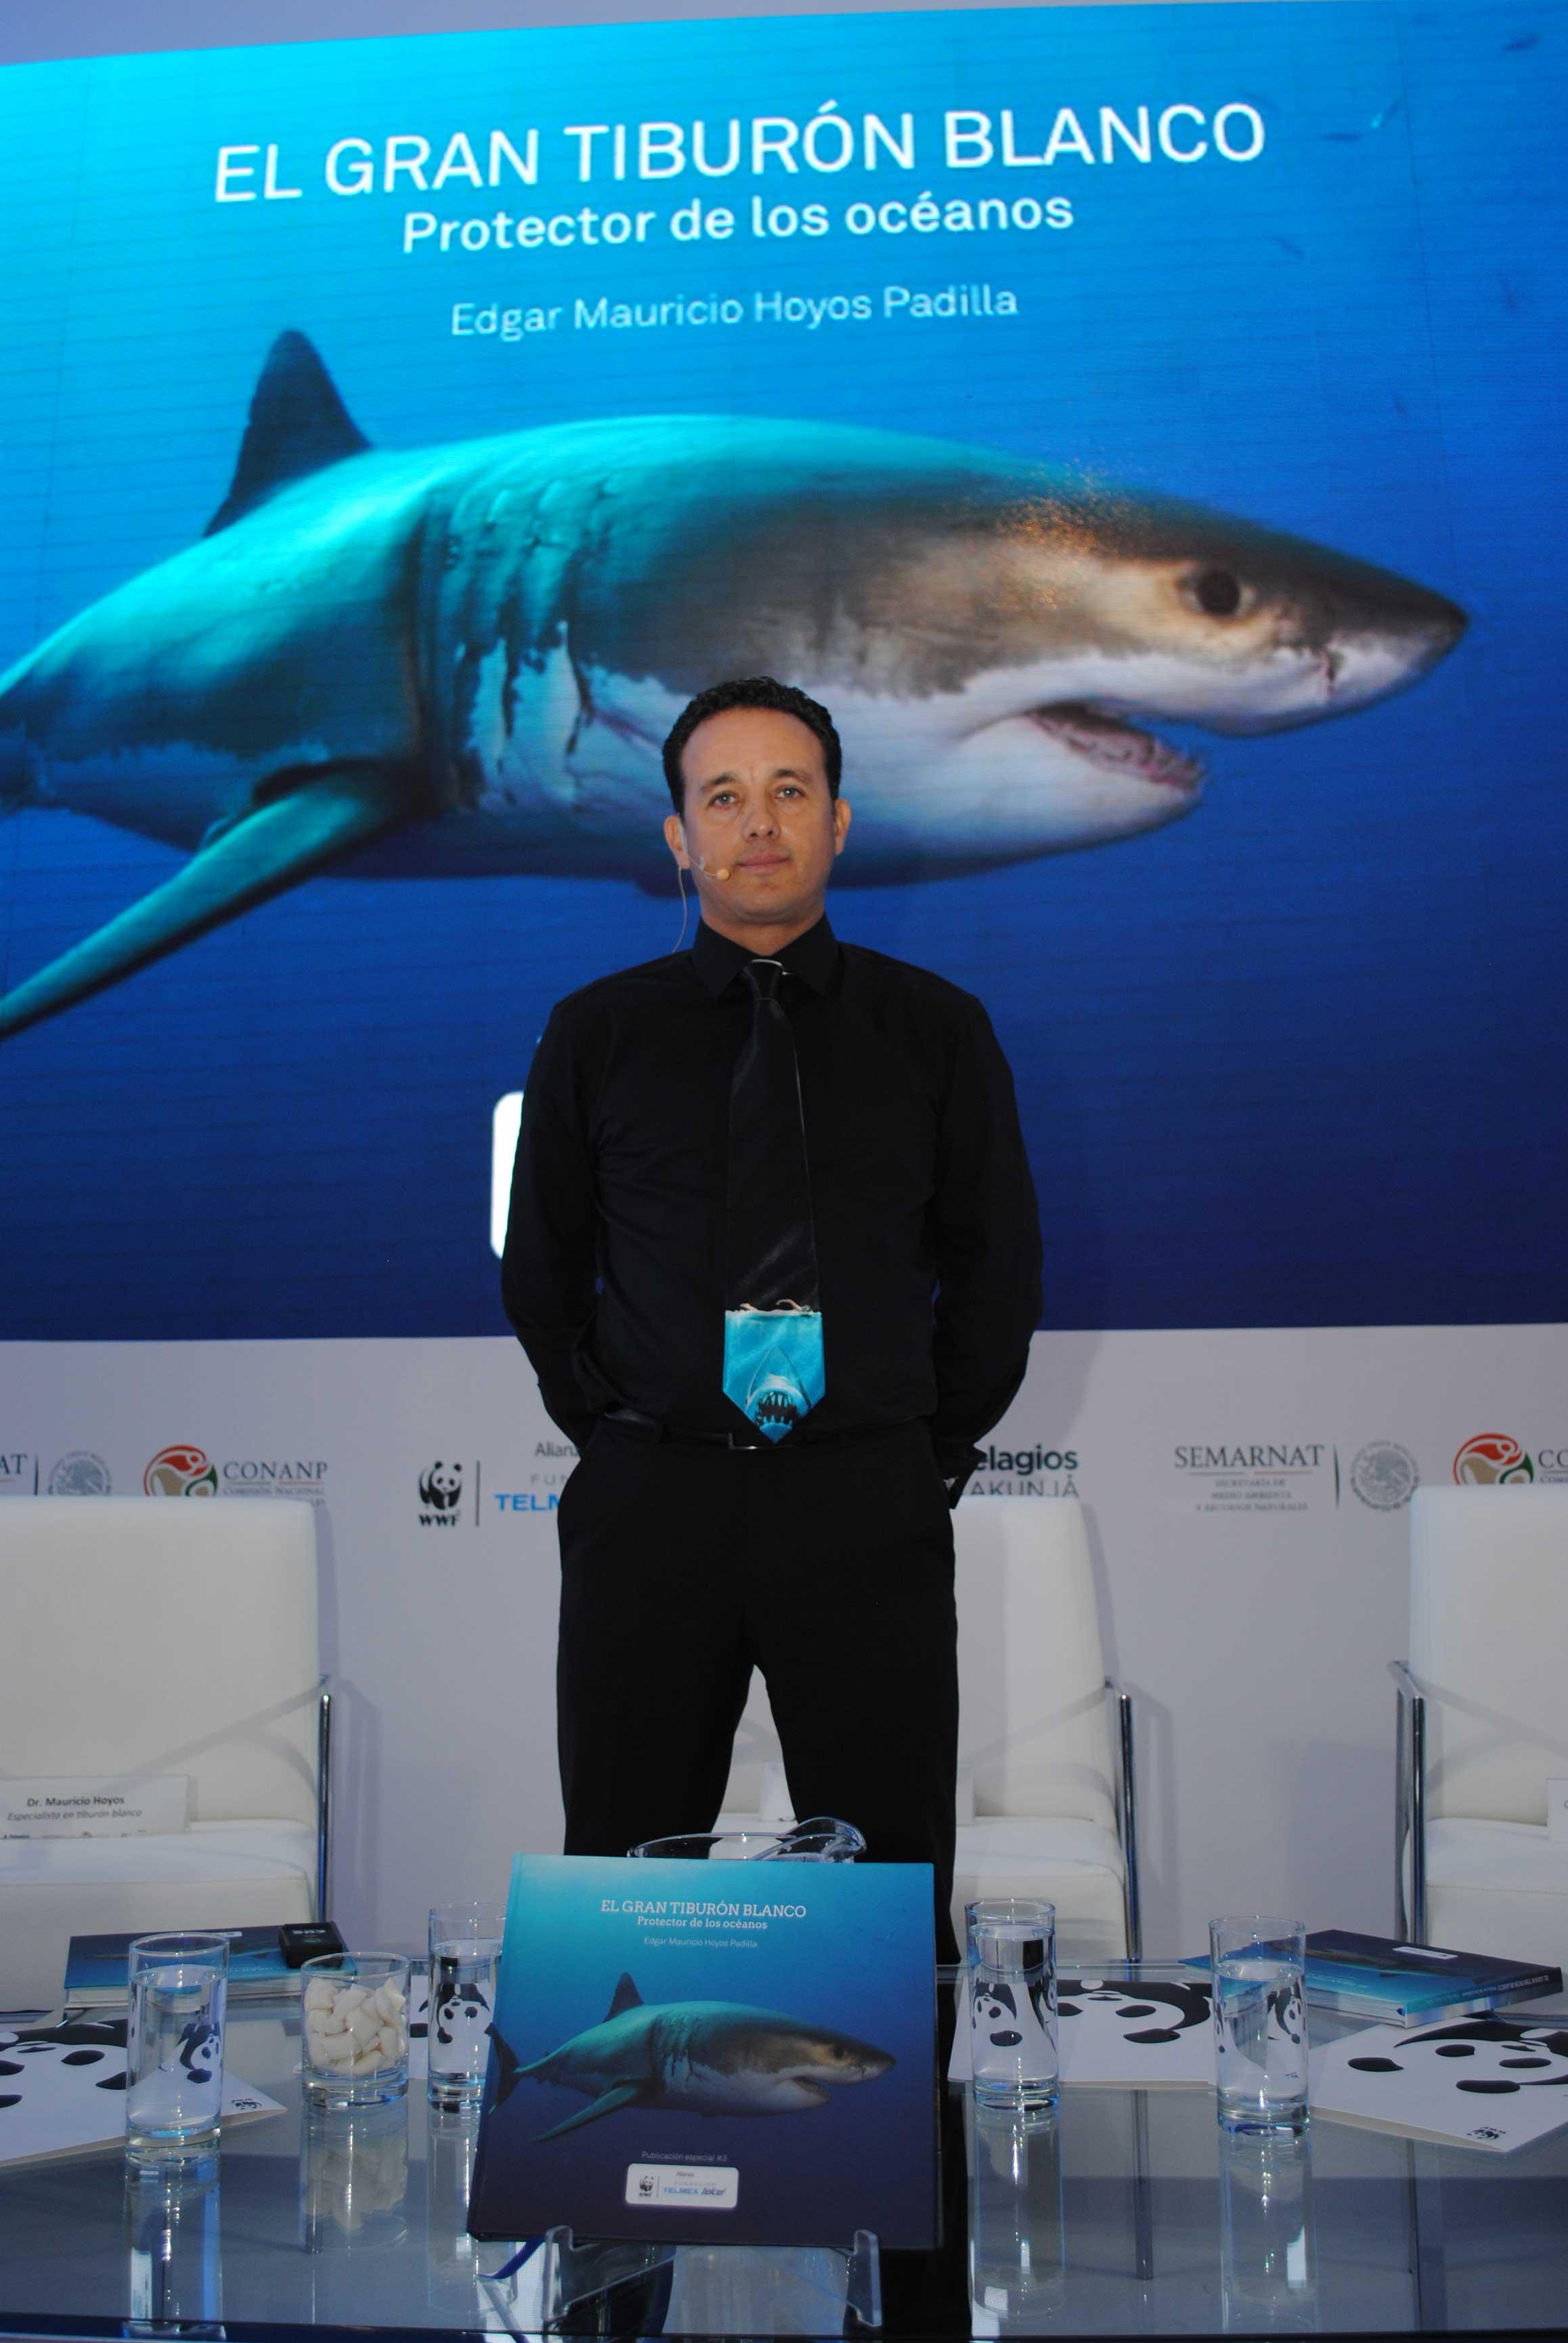 El biólogo Edgar Mauricio Hoyos Padilla, presentó su libro El tiburón blanco. Protector de los océanos. Revista Protocolo Copyright©